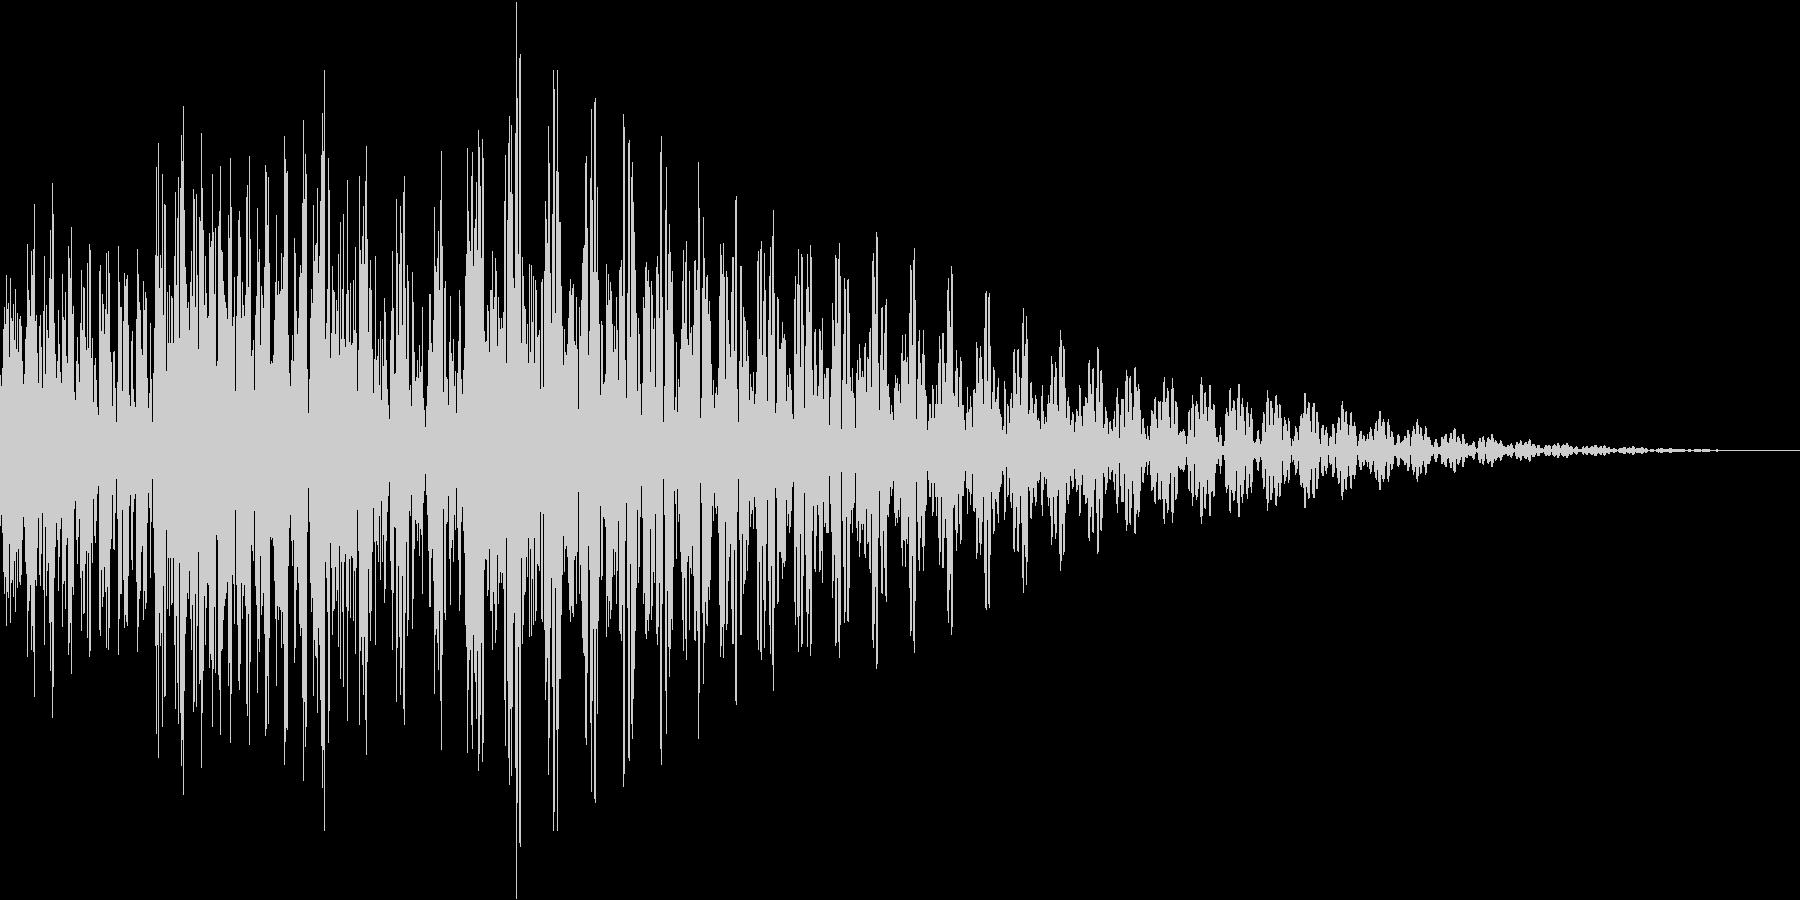 ジャジャン(結果 説明 アイキャッチ)の未再生の波形